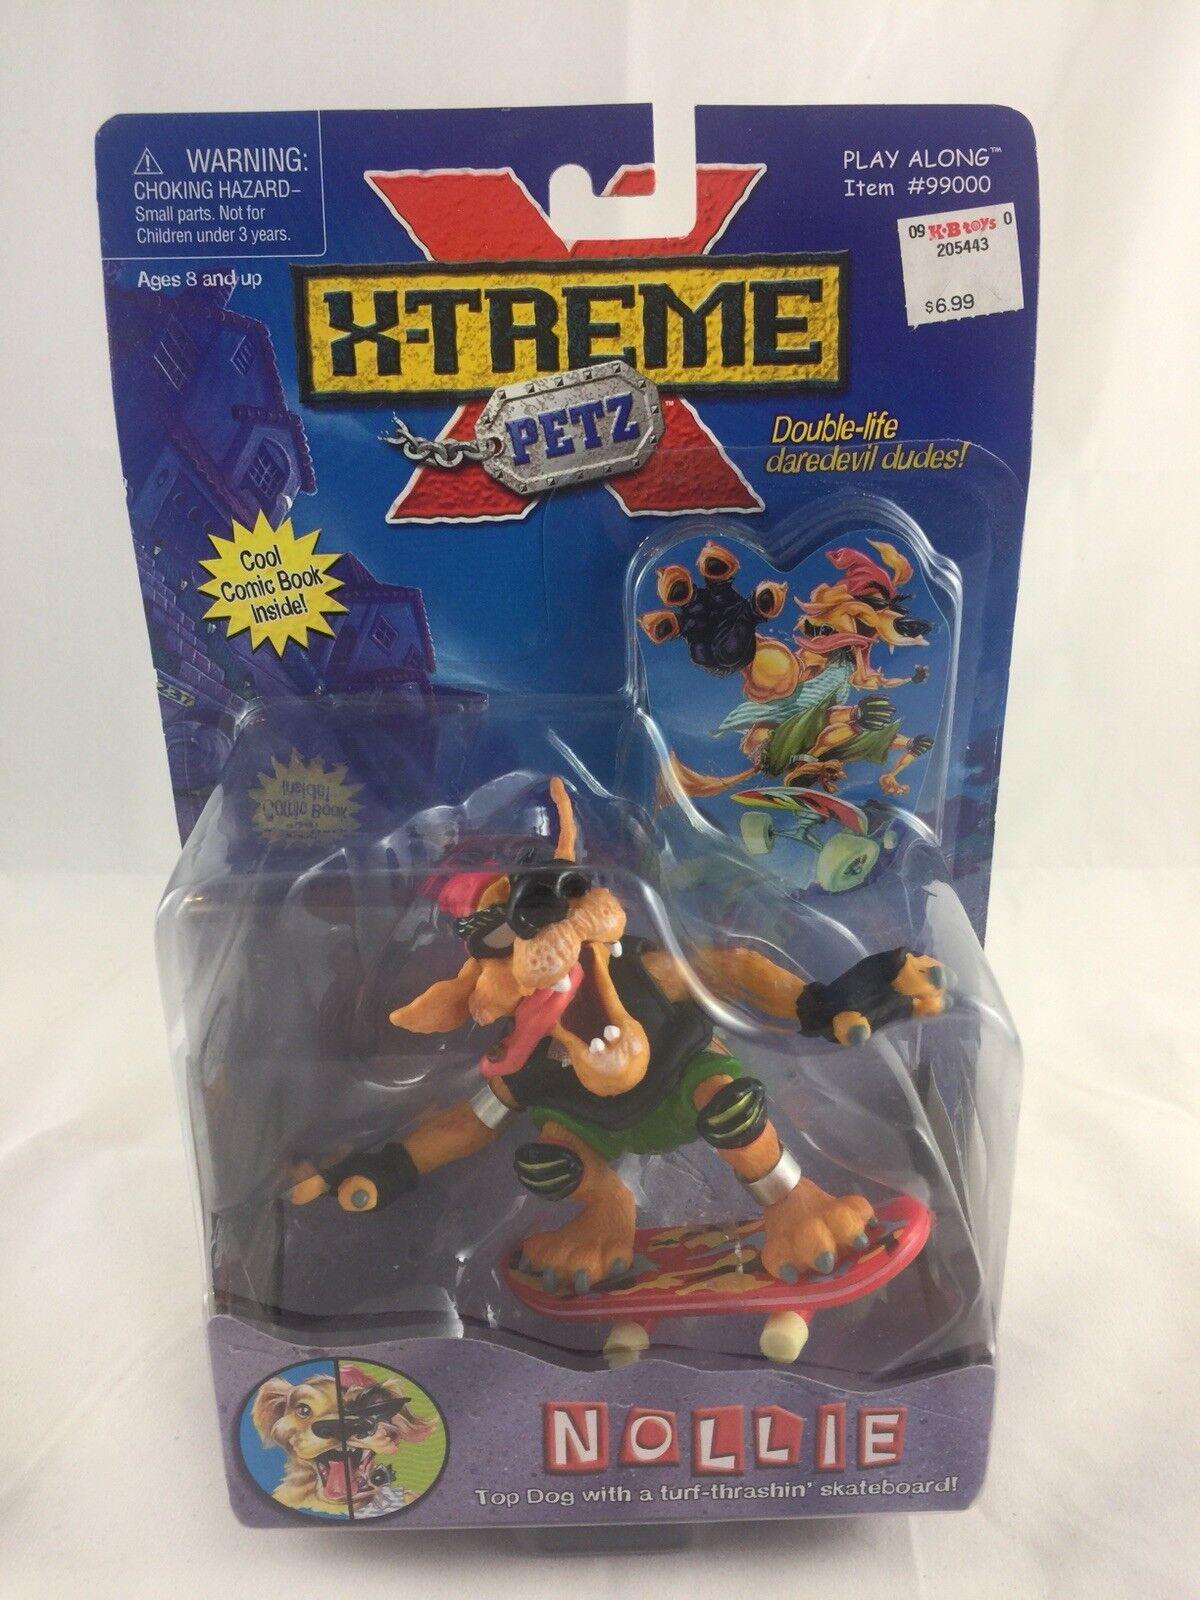 Xtreme Petz Nollie Action Figure Rare Sealed